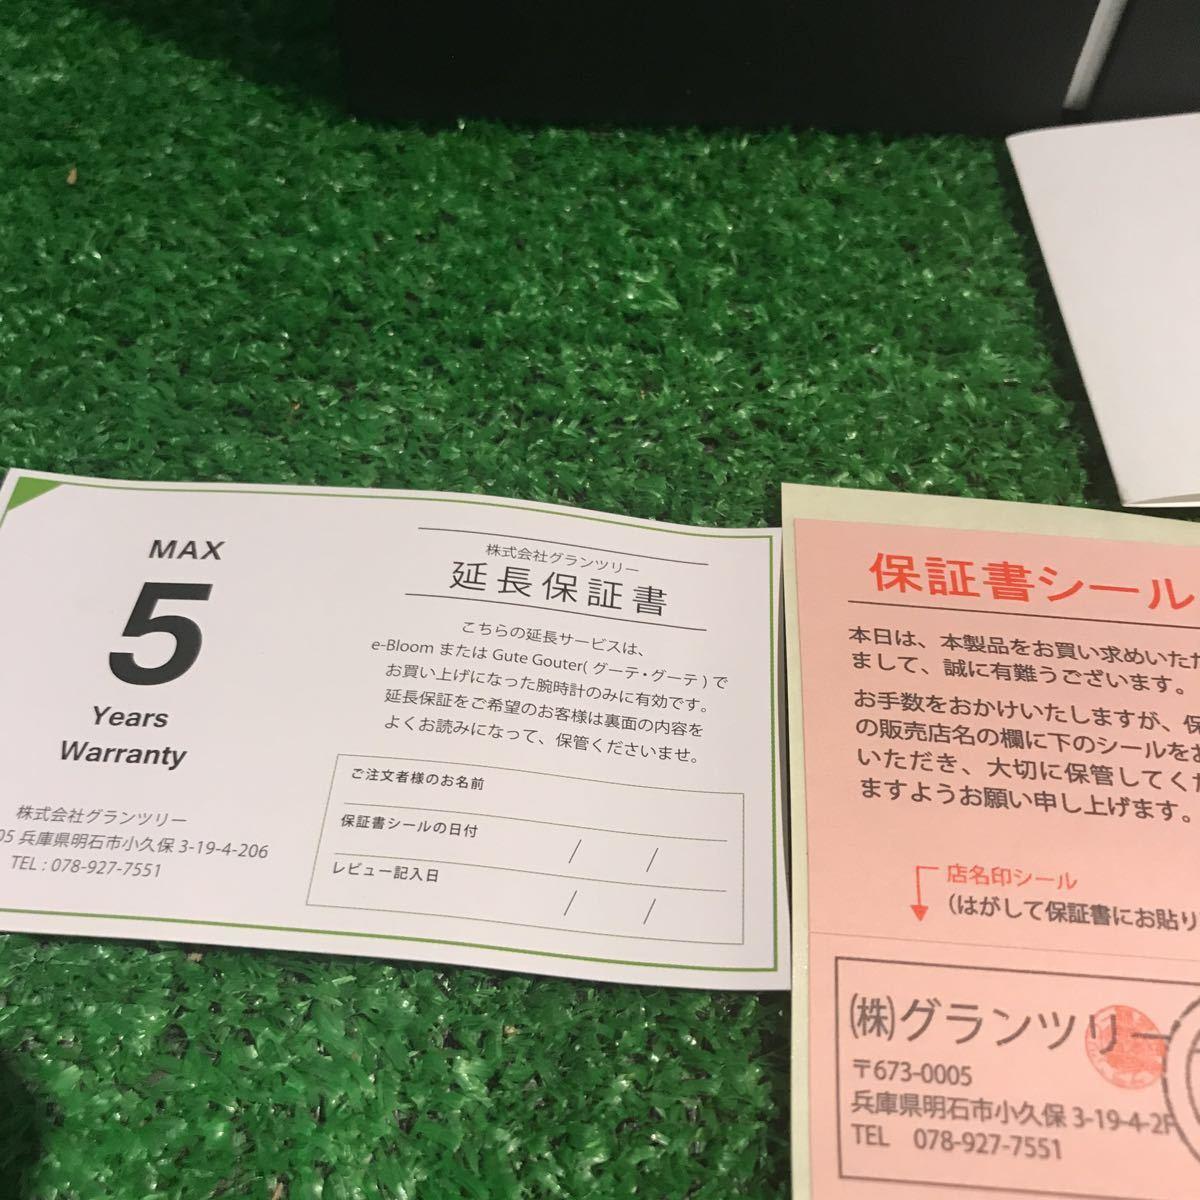 新品同様1円~ 試着程度 シチズン U680-T019692 プロマスター チタン ソーラー 電波時計 アナデジ メンズ腕時計 60サイズ (62)_画像8